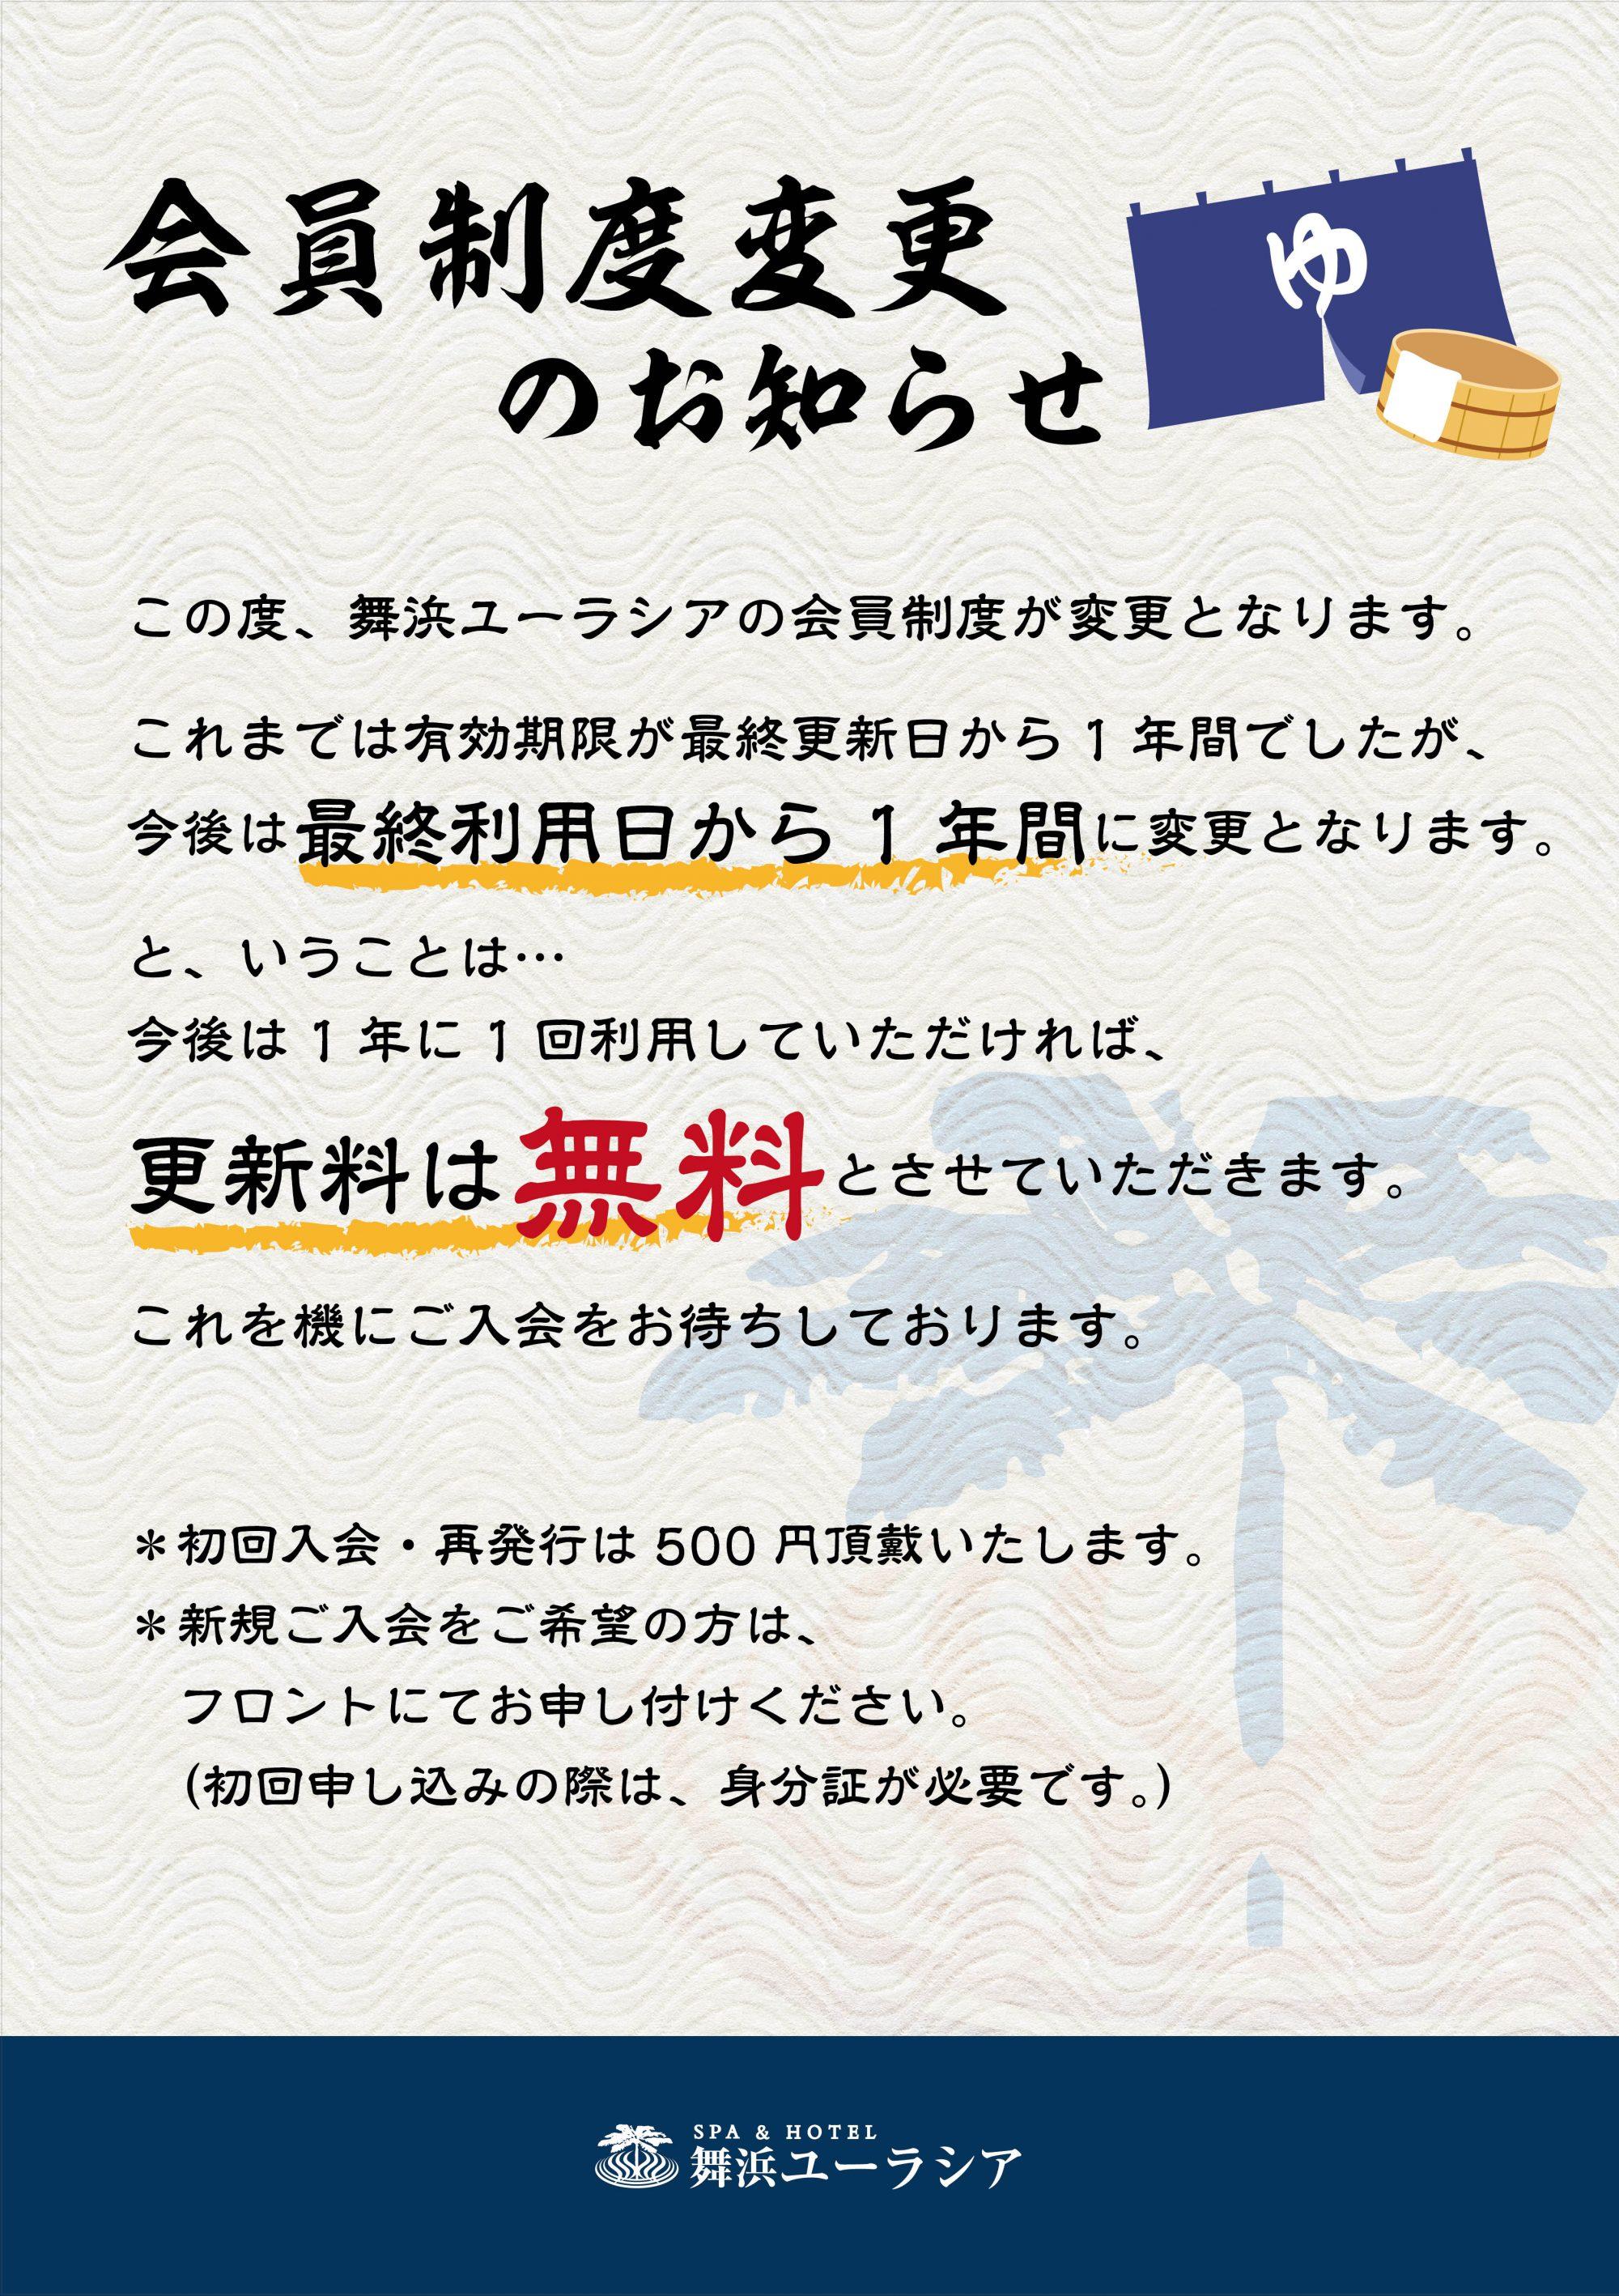 会員制度変更のお知らせ【舞浜ユーラシア】